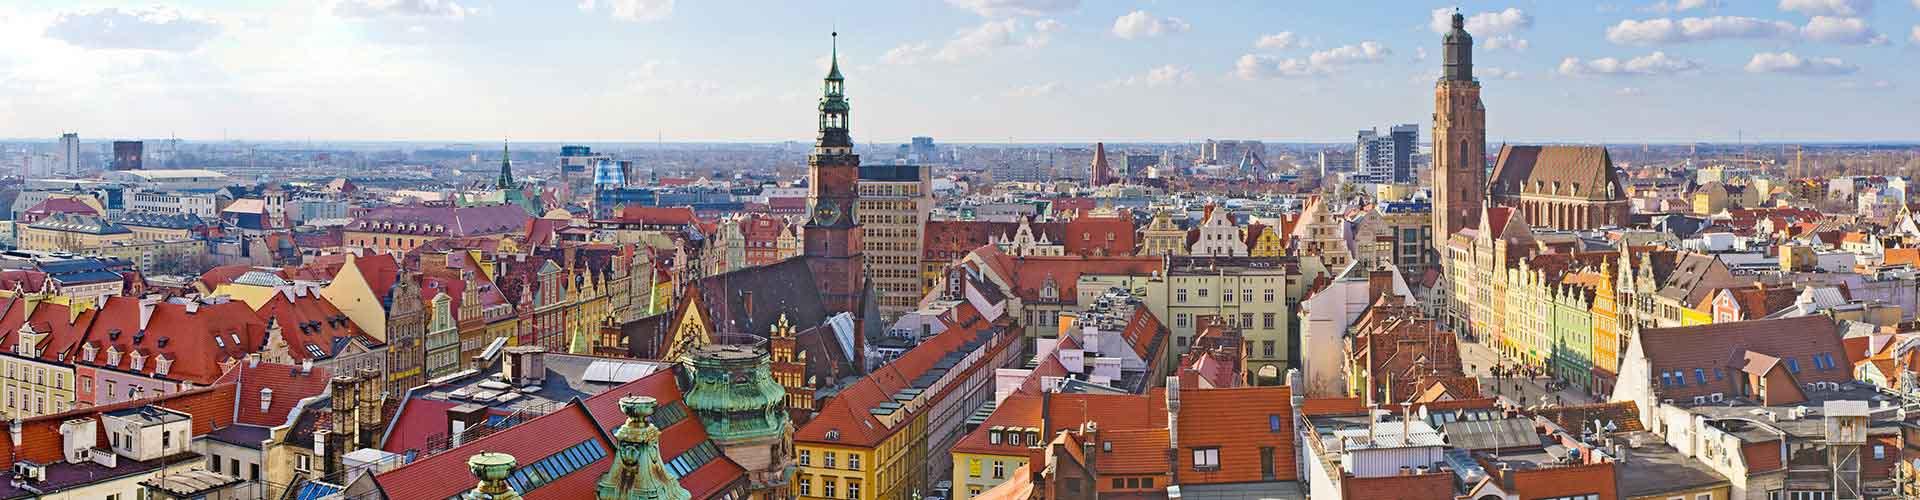 Wroclaw – Camping em Wroclaw. Mapas para Wroclaw, Fotos e Avaliações para cada camping em Wroclaw.